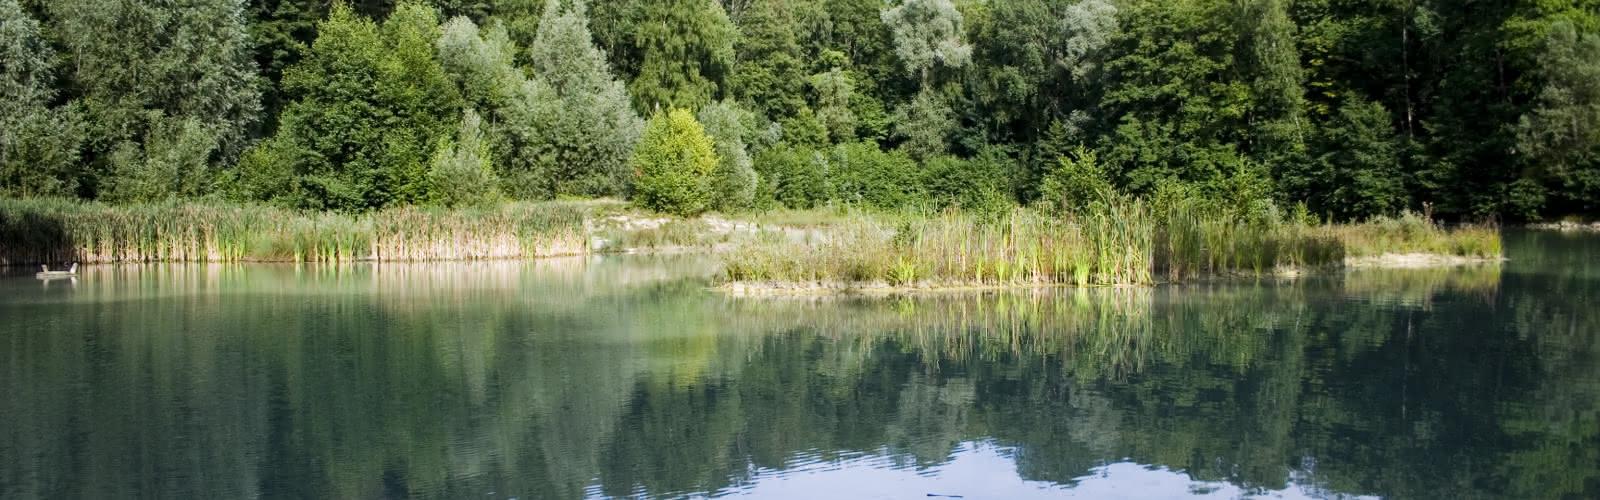 Le Lac Bleu de la Forêt de Carnelle